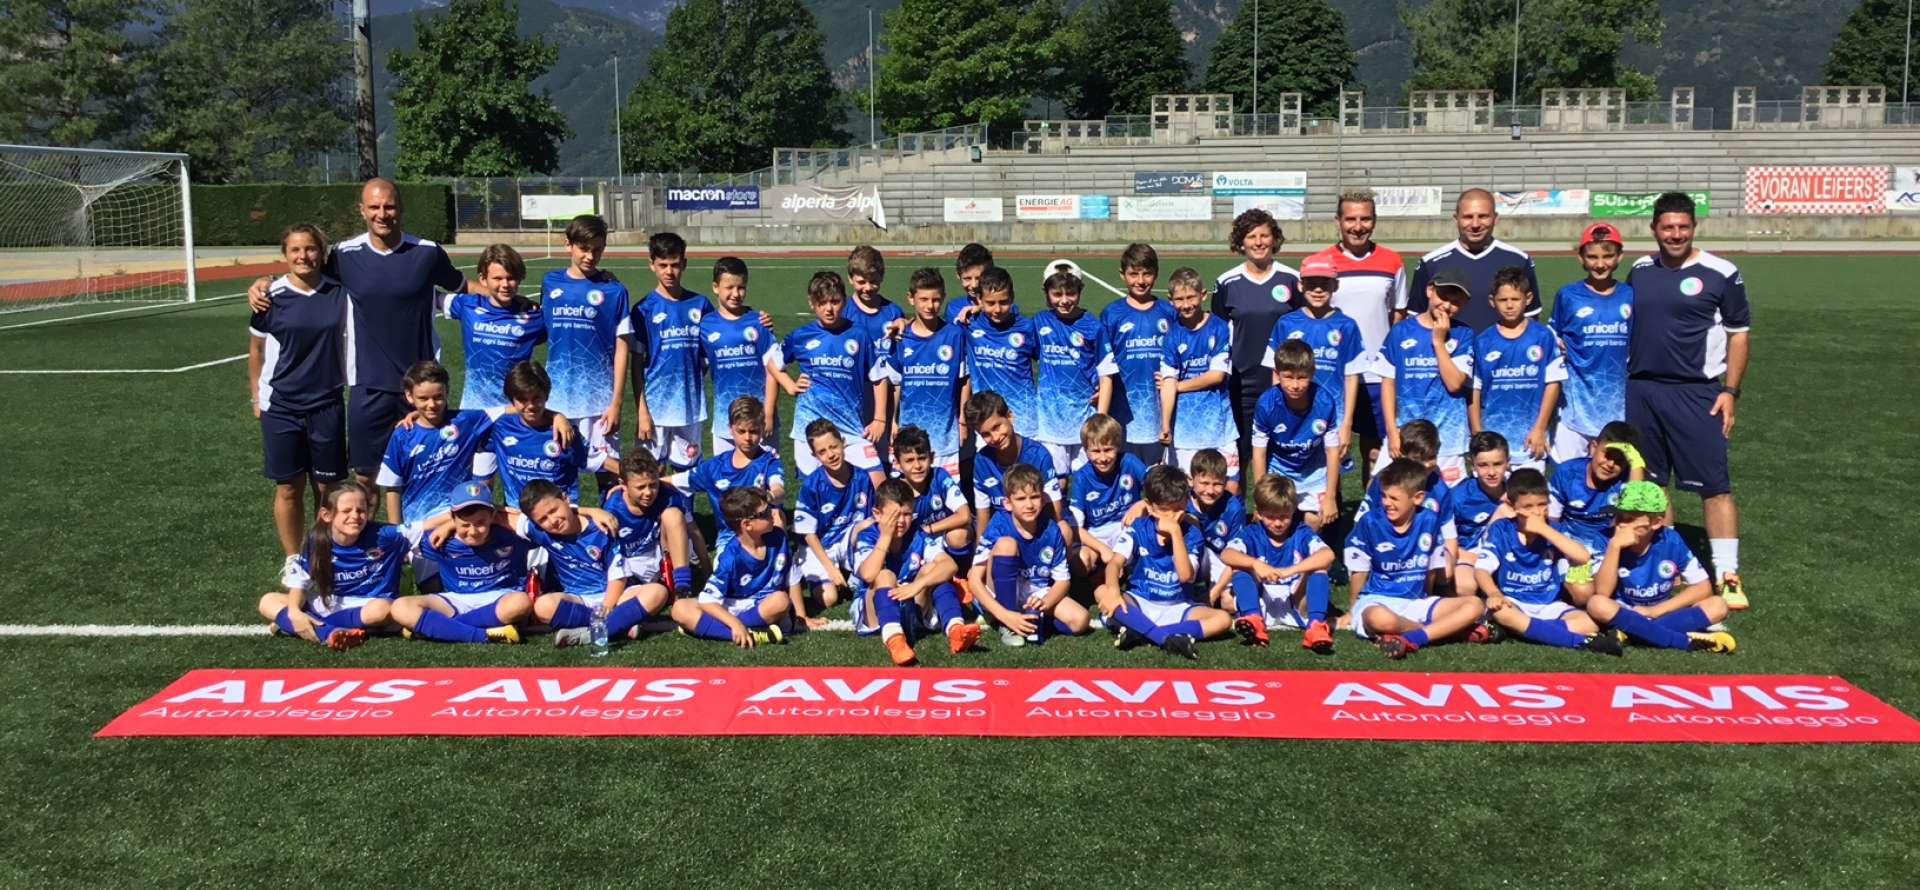 José La Cagnina, AIC Camp, Laives, Bolzano, Simone Perrotta, AIC, Associazione Italiana Calciatori